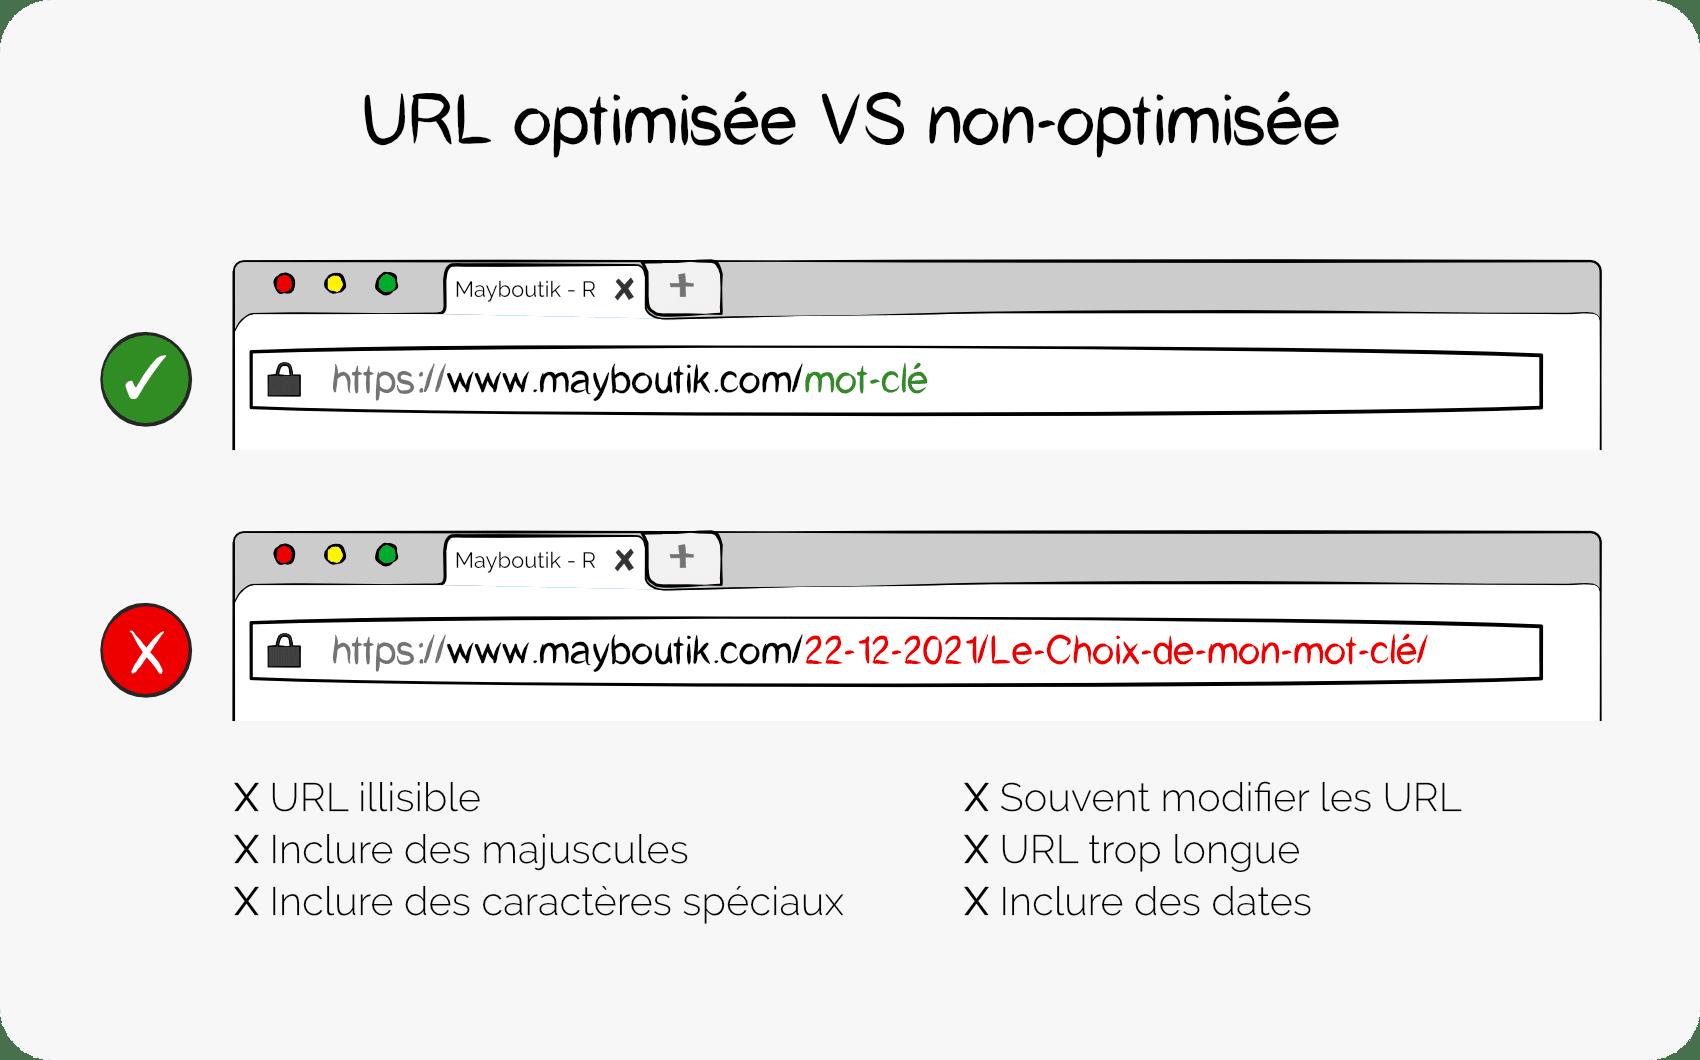 URL-optimisee